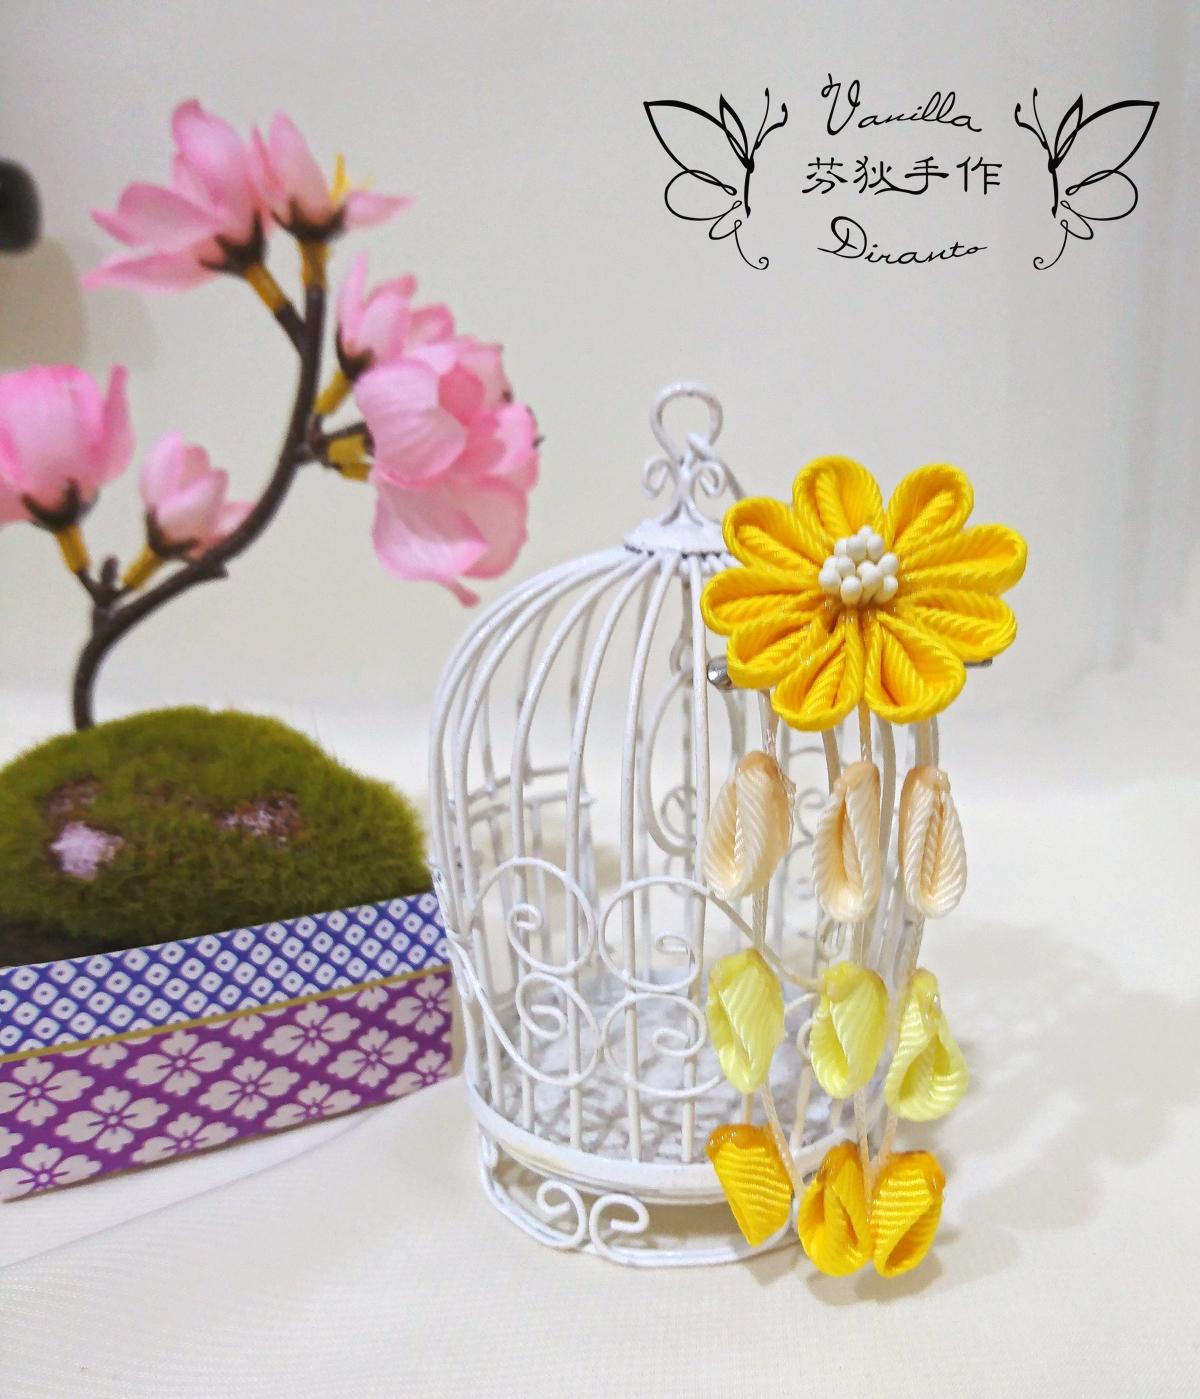 日式和風花髮飾 髮夾 豔黃 - Duke Vanilla 香草公爵